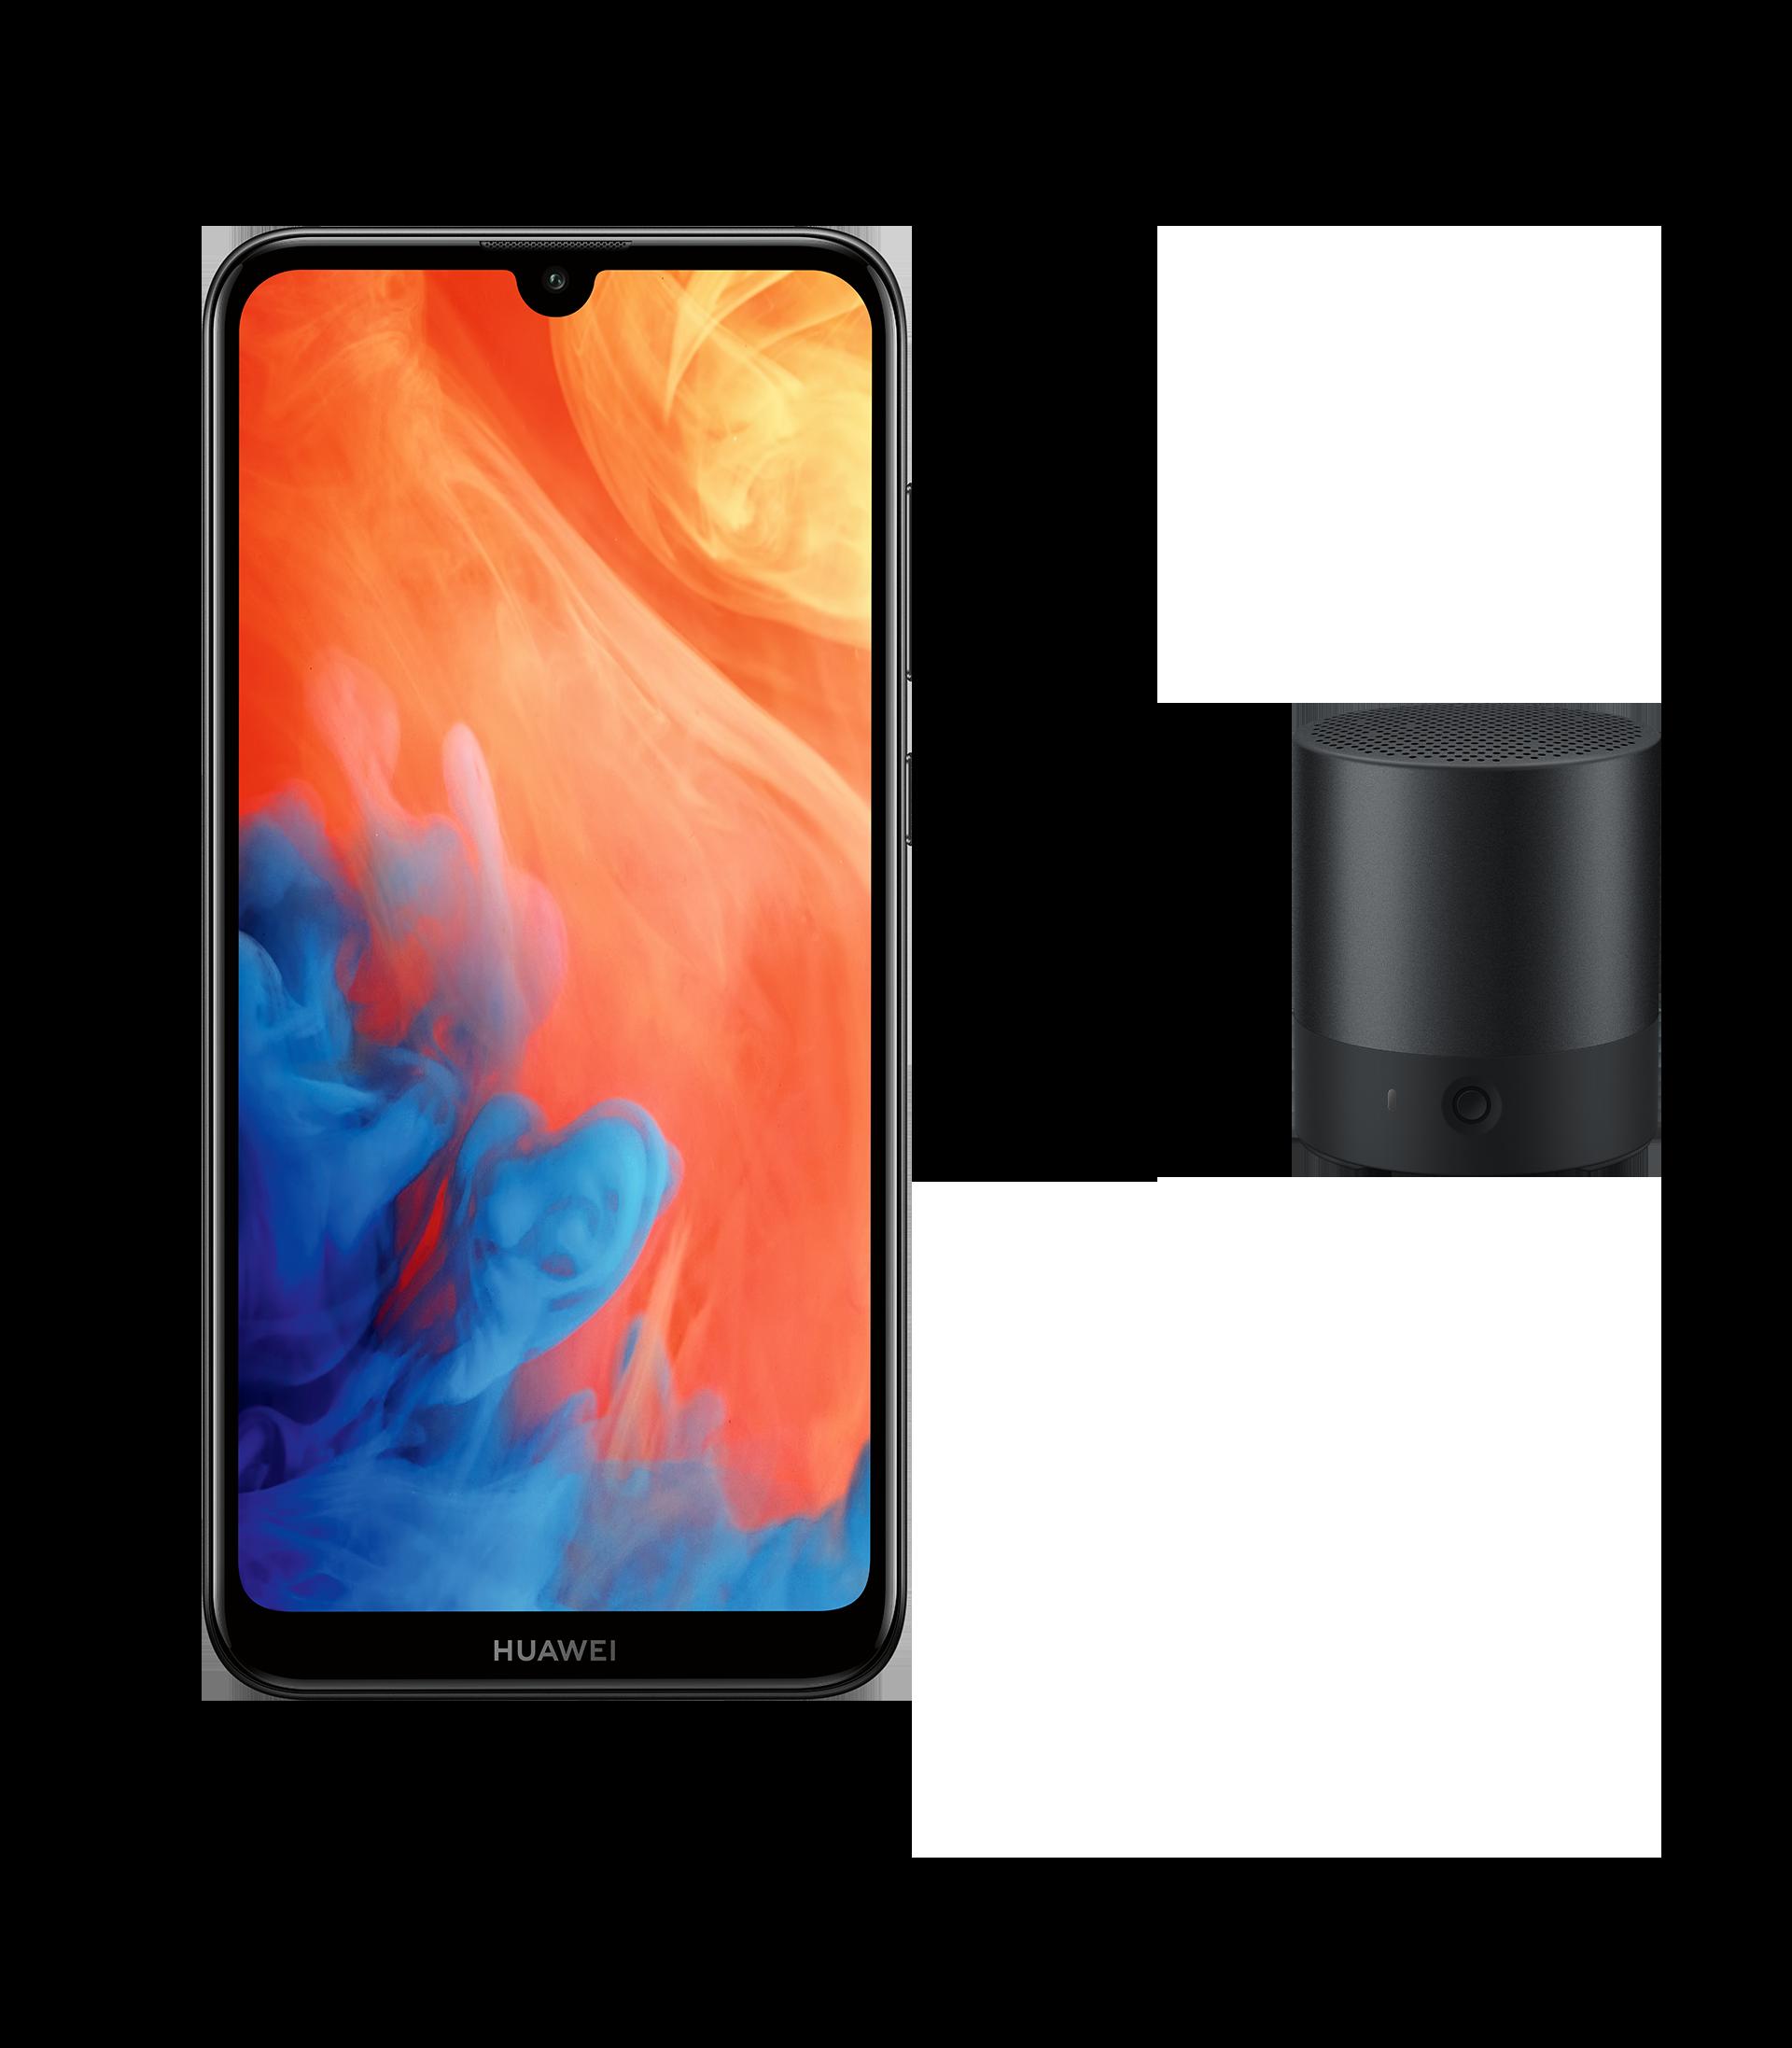 HUAWEI Y7 2019 Smartphone in der HUAWEI Sommeraktion mit HUAWEI Mini Speaker Gratis-Lautsprecher, Handy Vorderseite